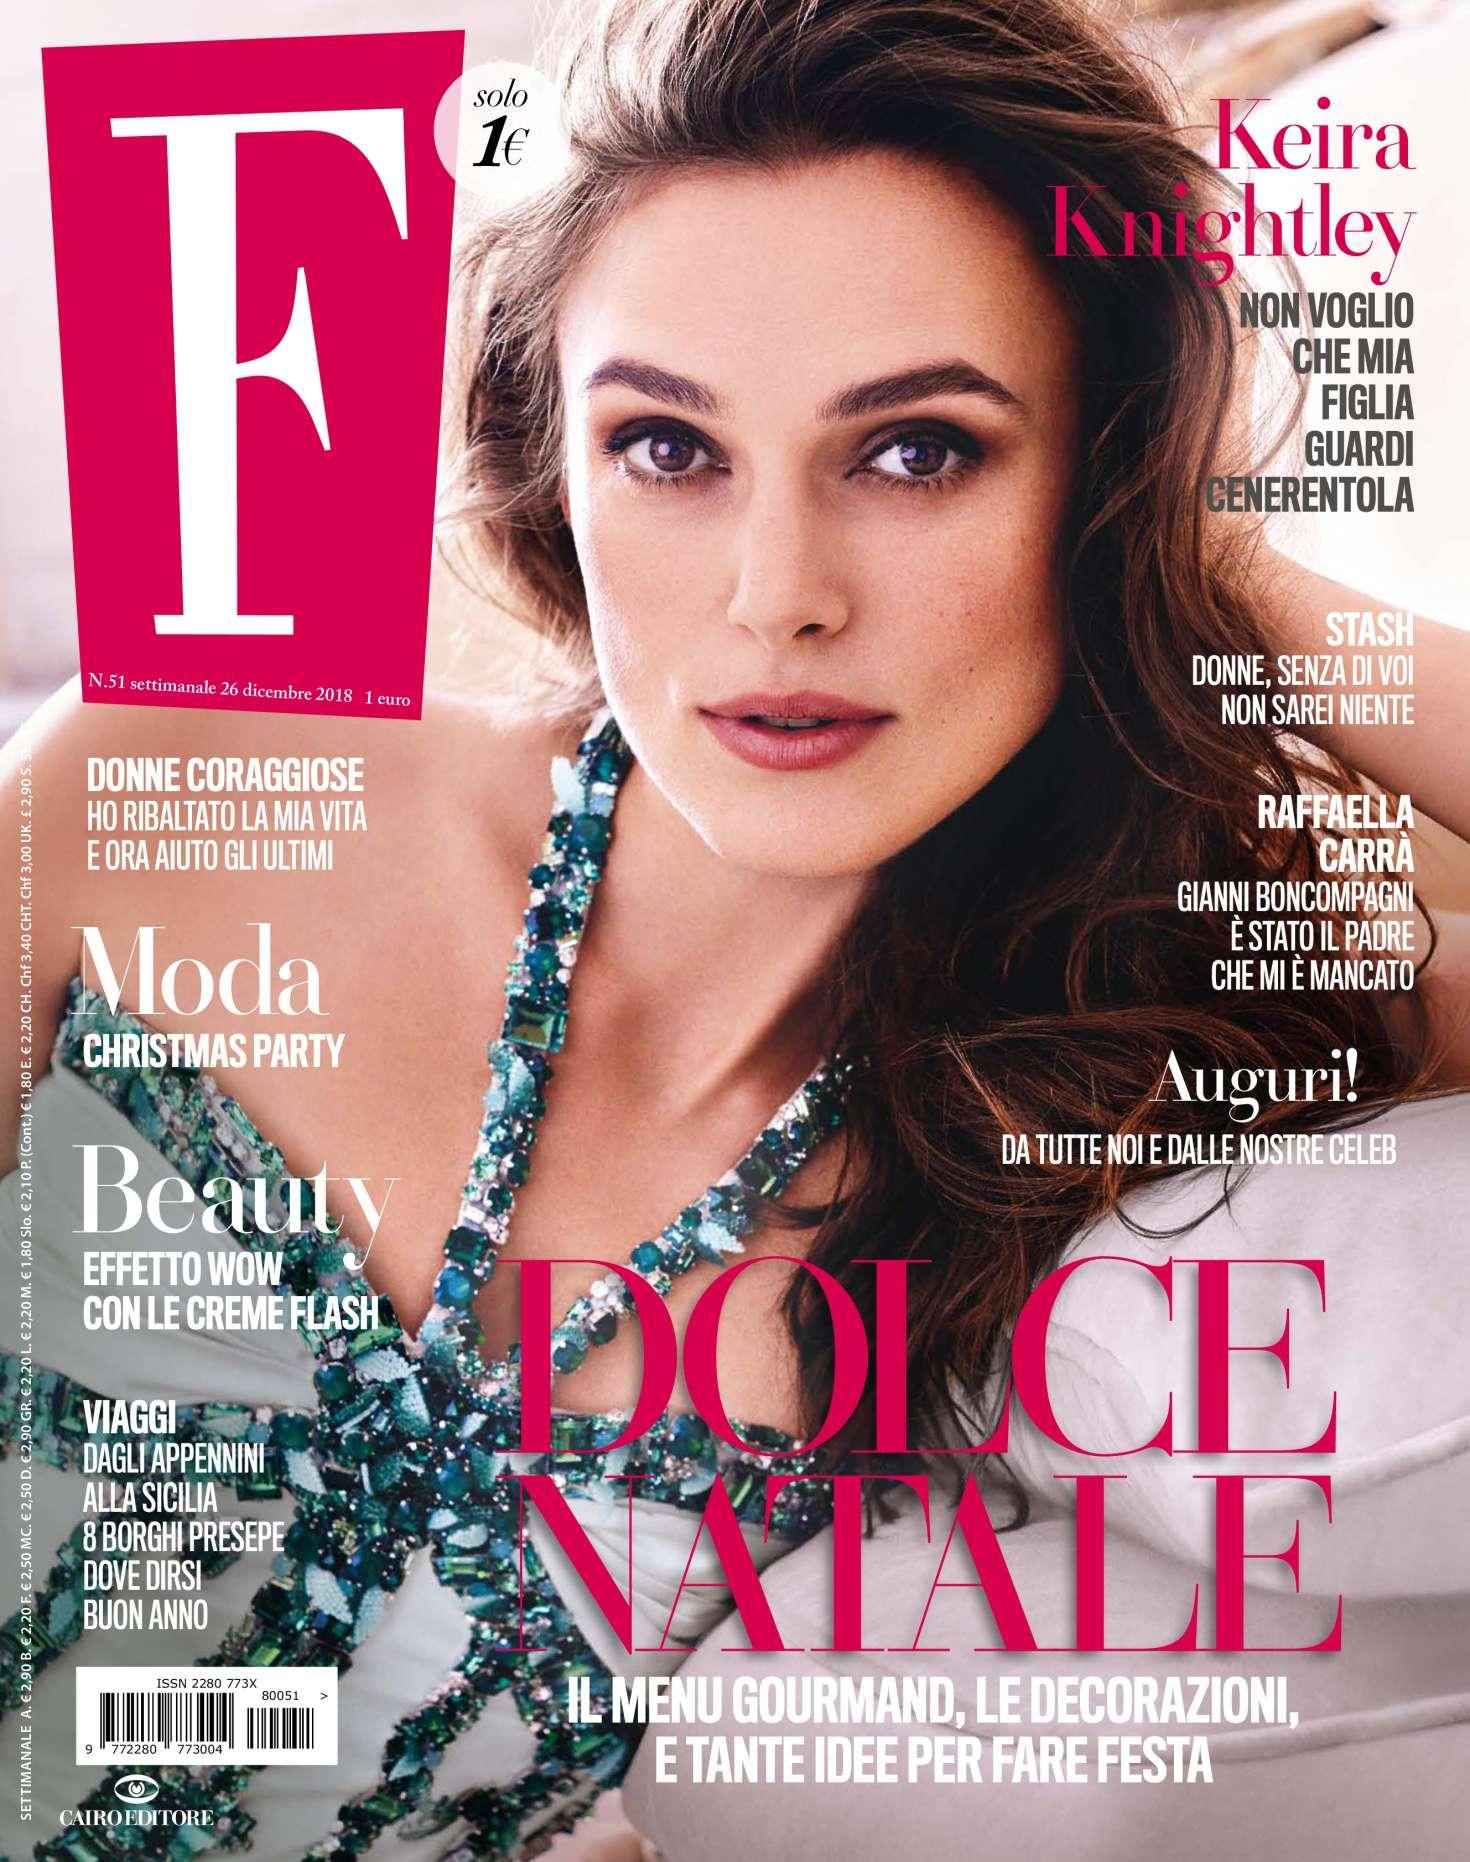 Keira Knightley 2018 : Keira Knightley: F N51 Magazine 2018 -04